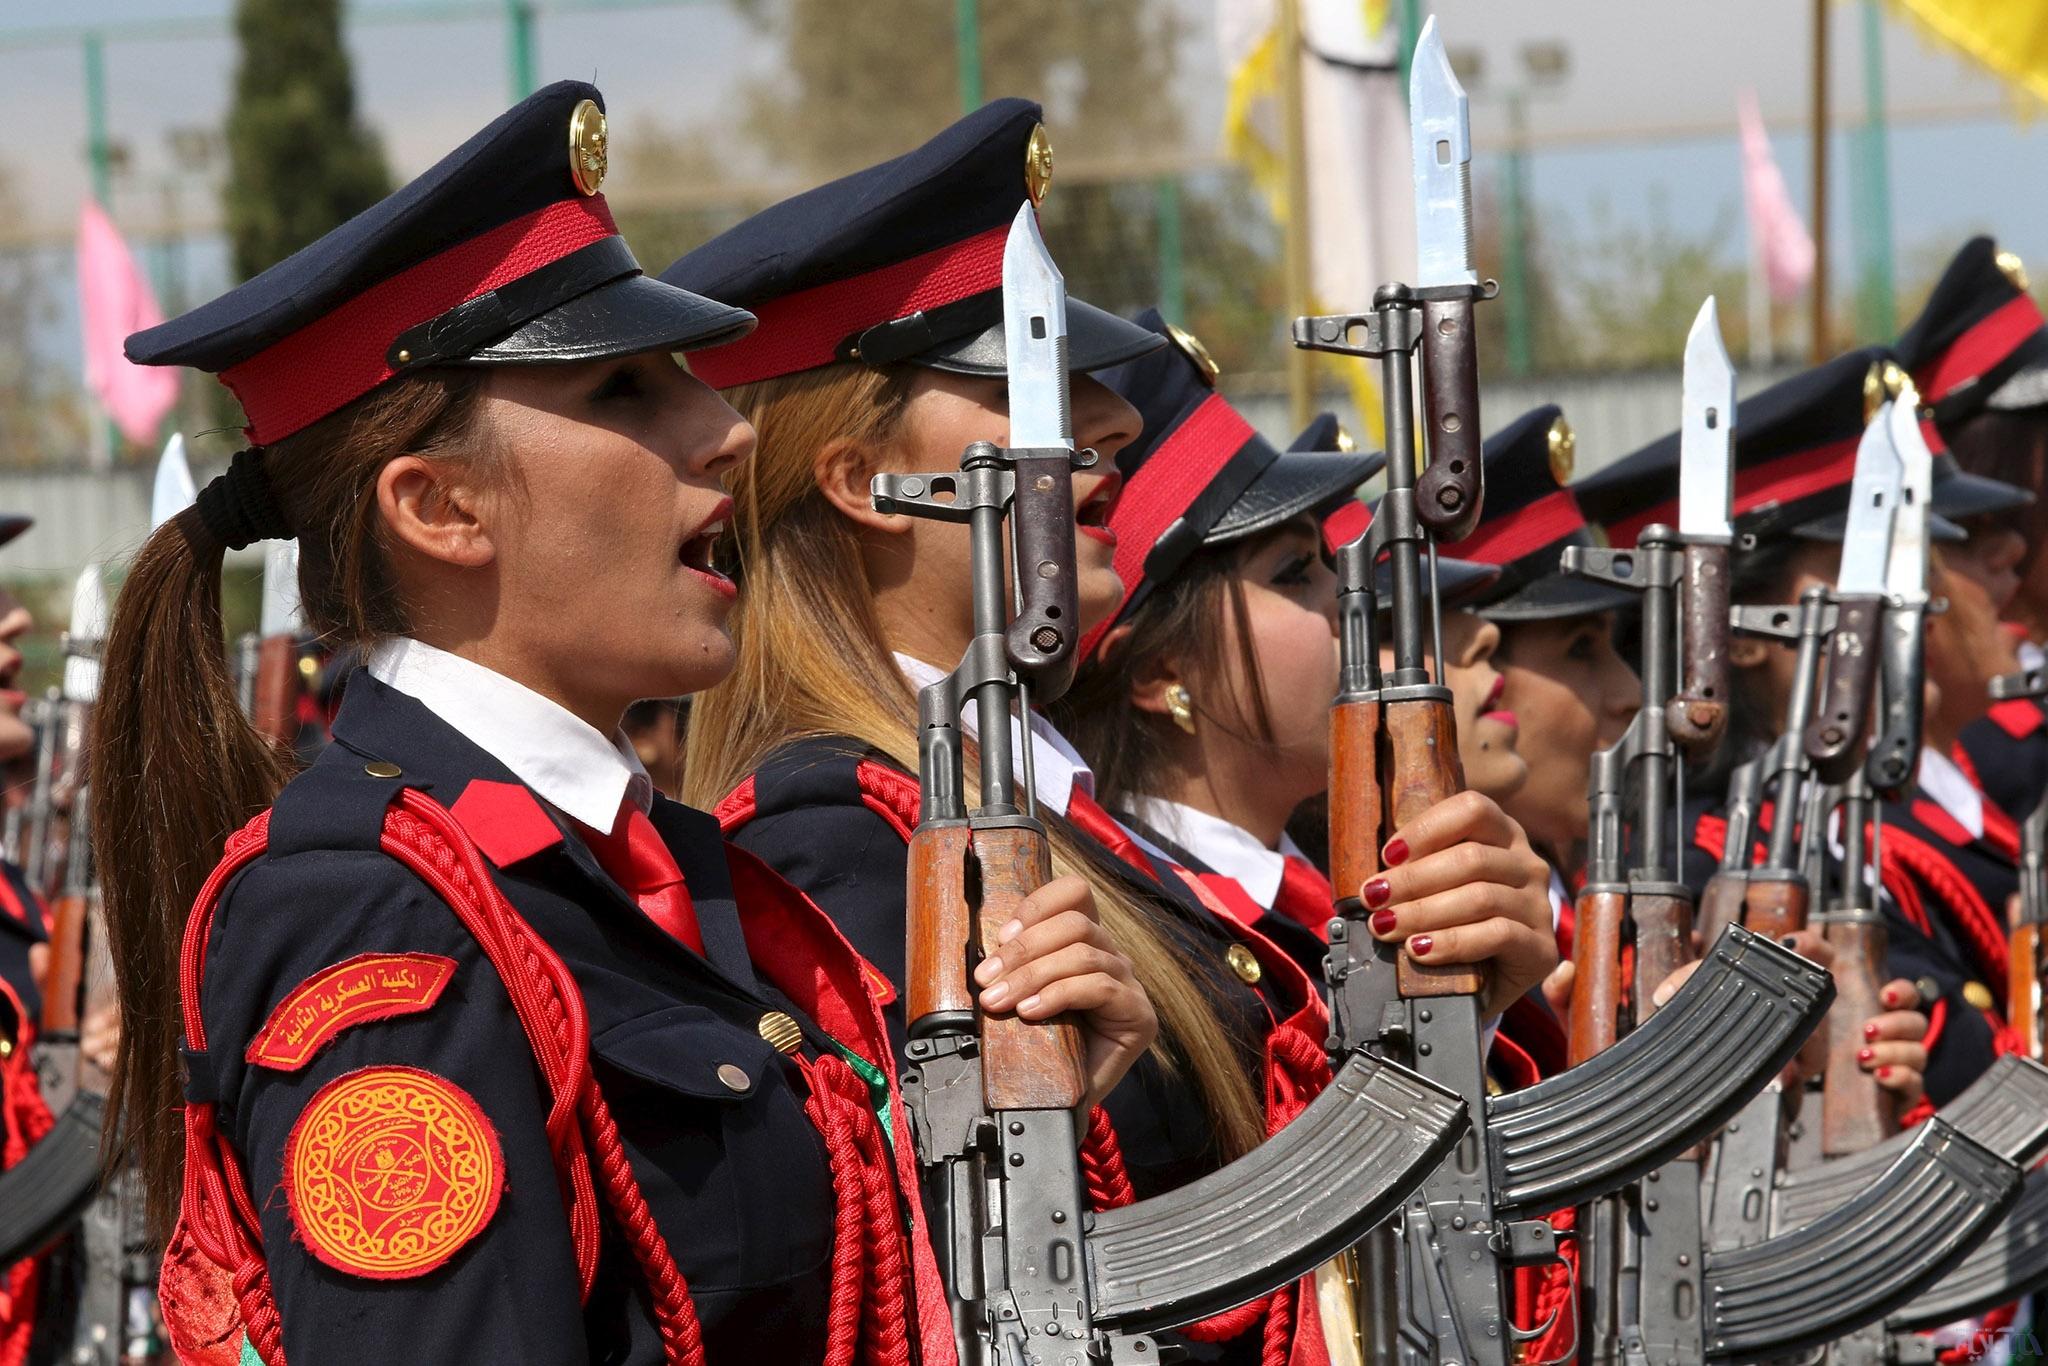 تصاویری از مراسم فارغ التحصیلی زنان پیشمرگ/ بارزانی: این زنان به جنگ داعش میروند